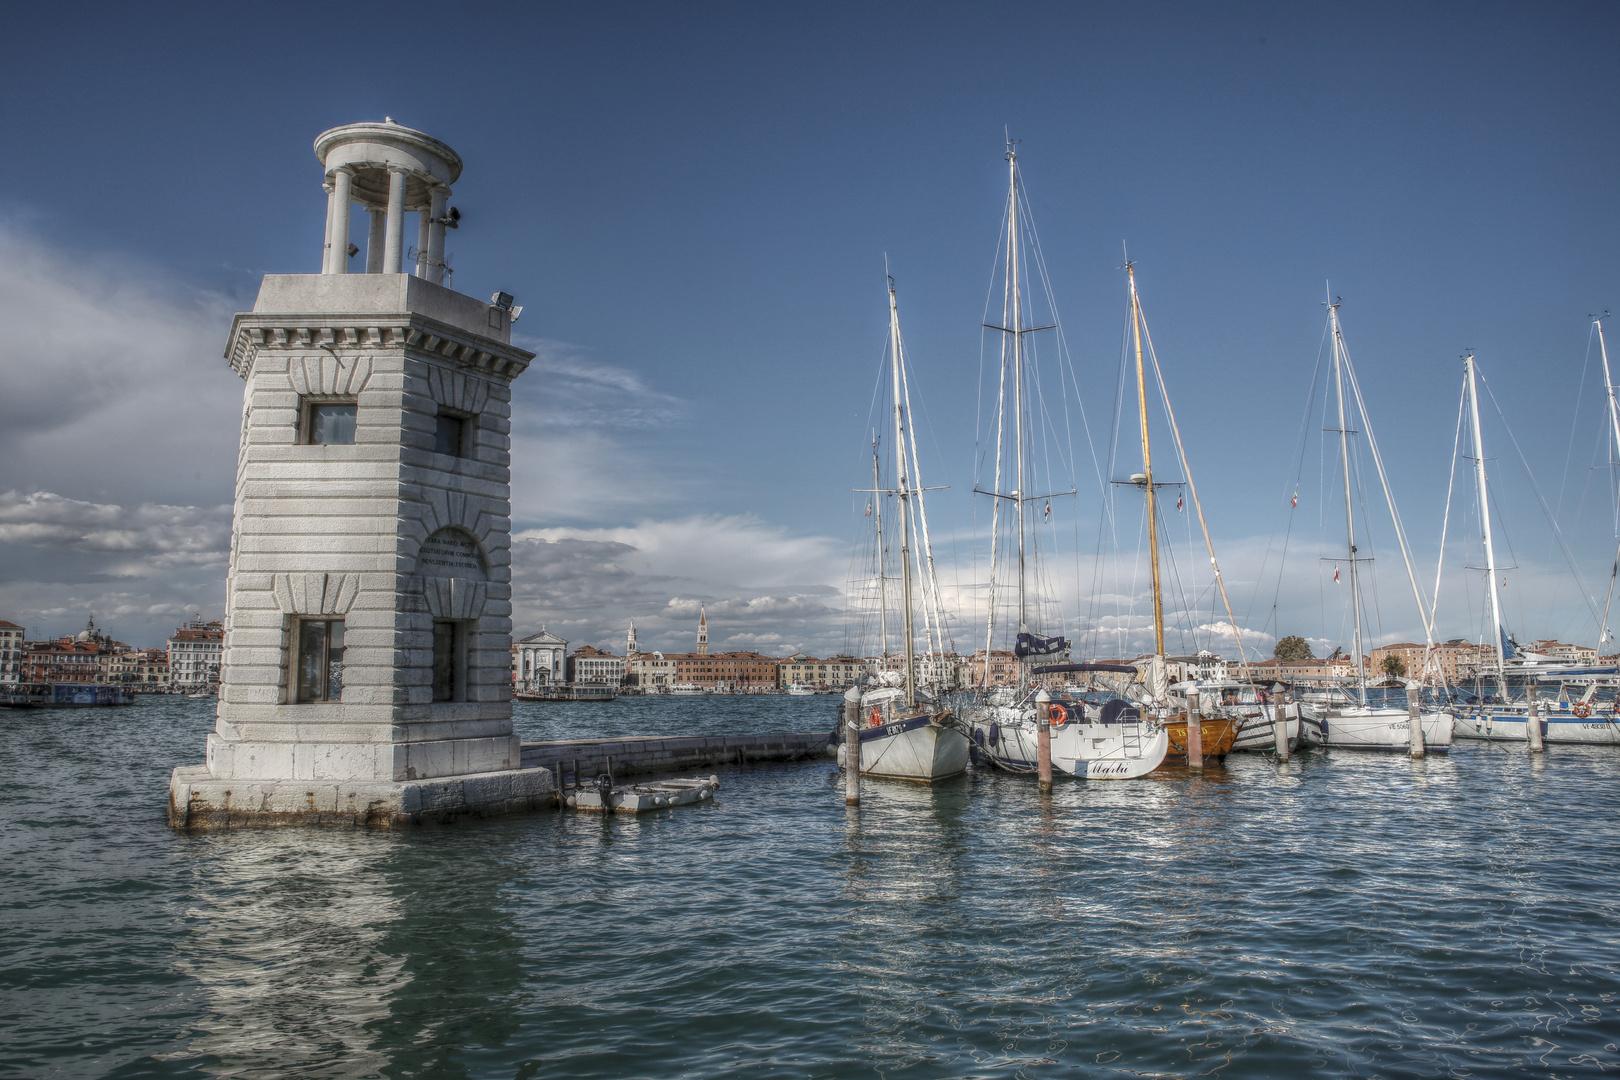 venezia hd